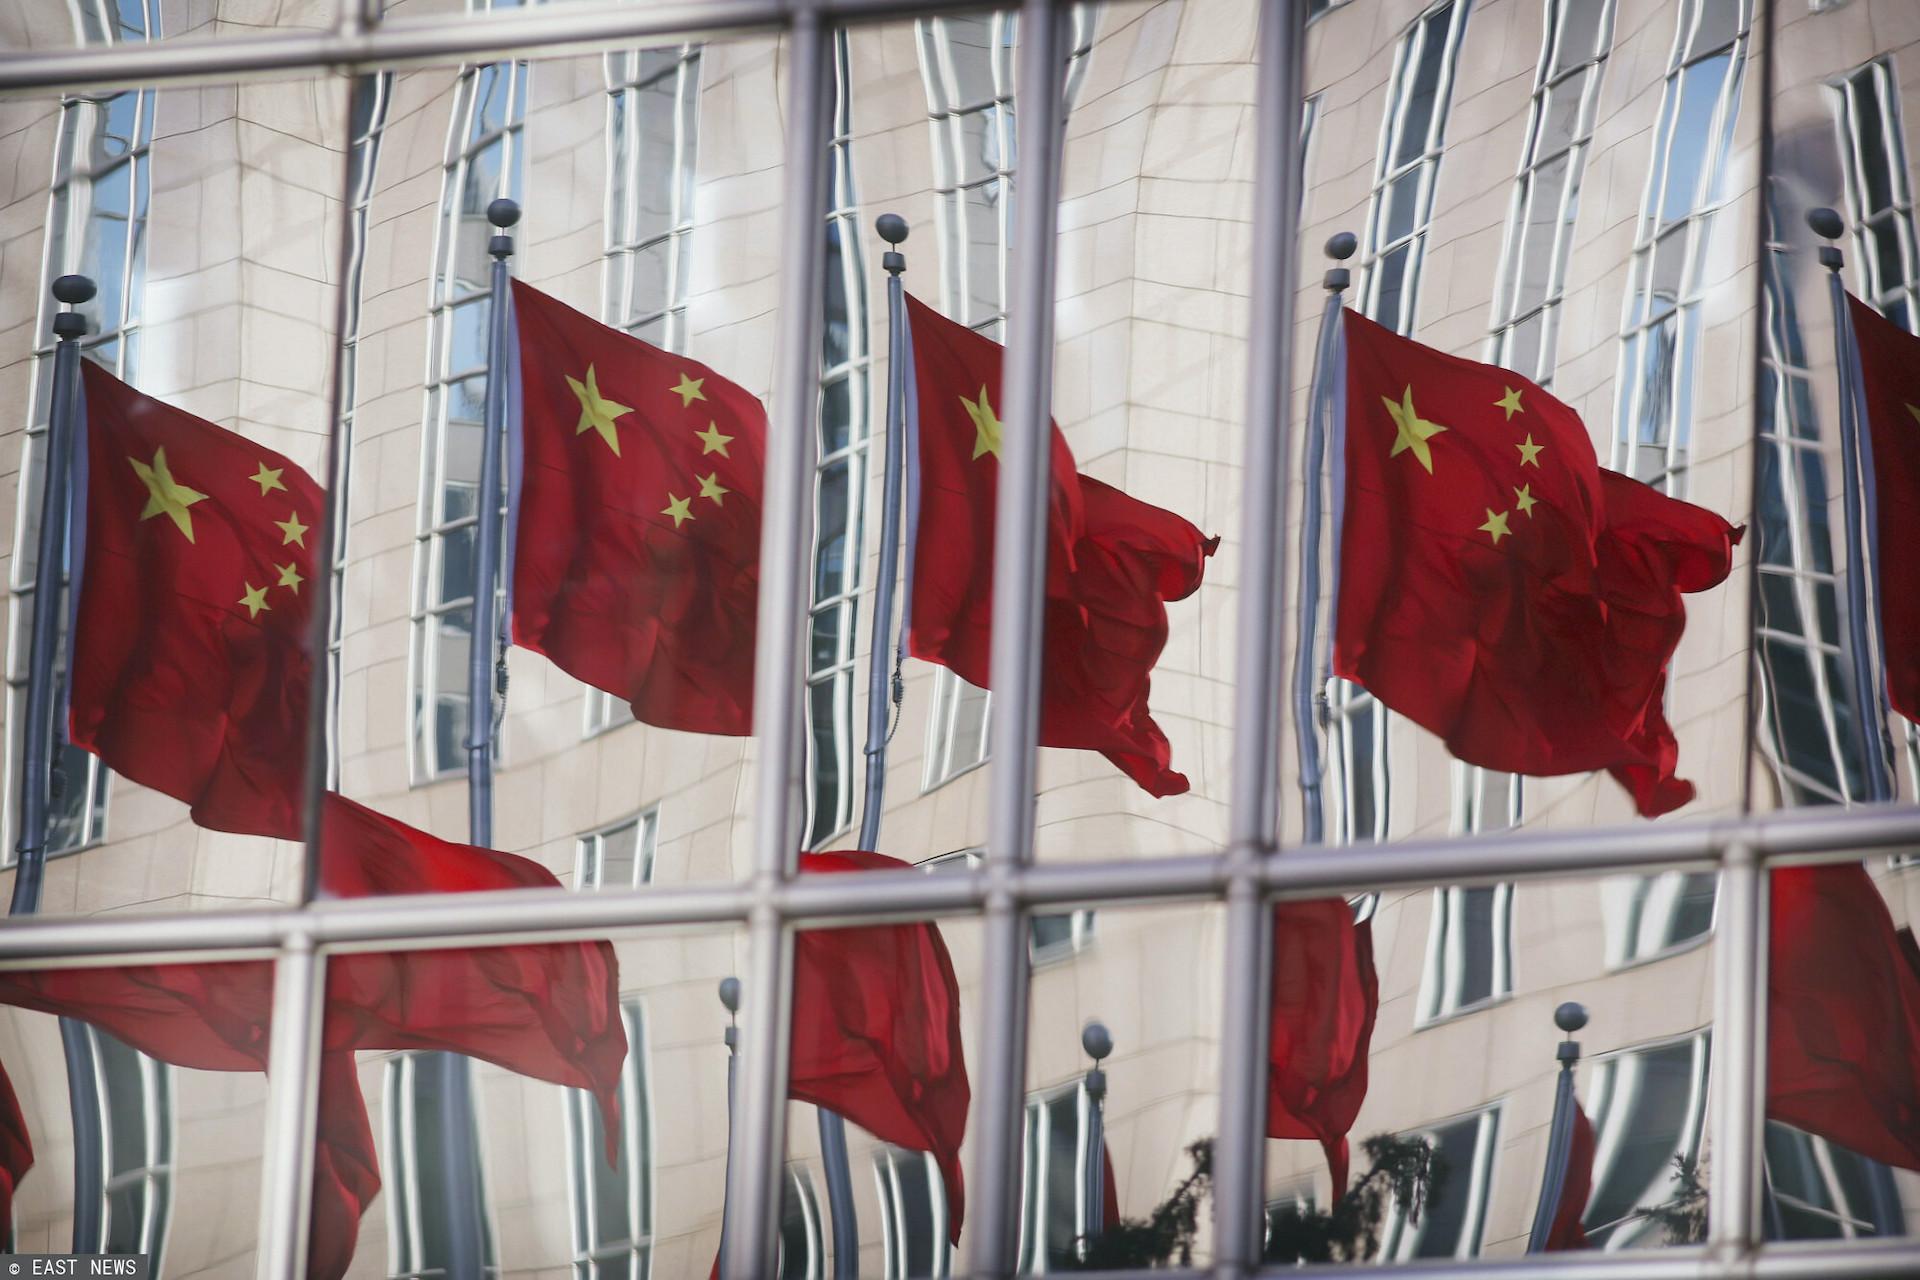 Po usunięciu zdjęć Patricka Wacka z chińskiego Xinjiang firma Kodak wydała oświadczenie